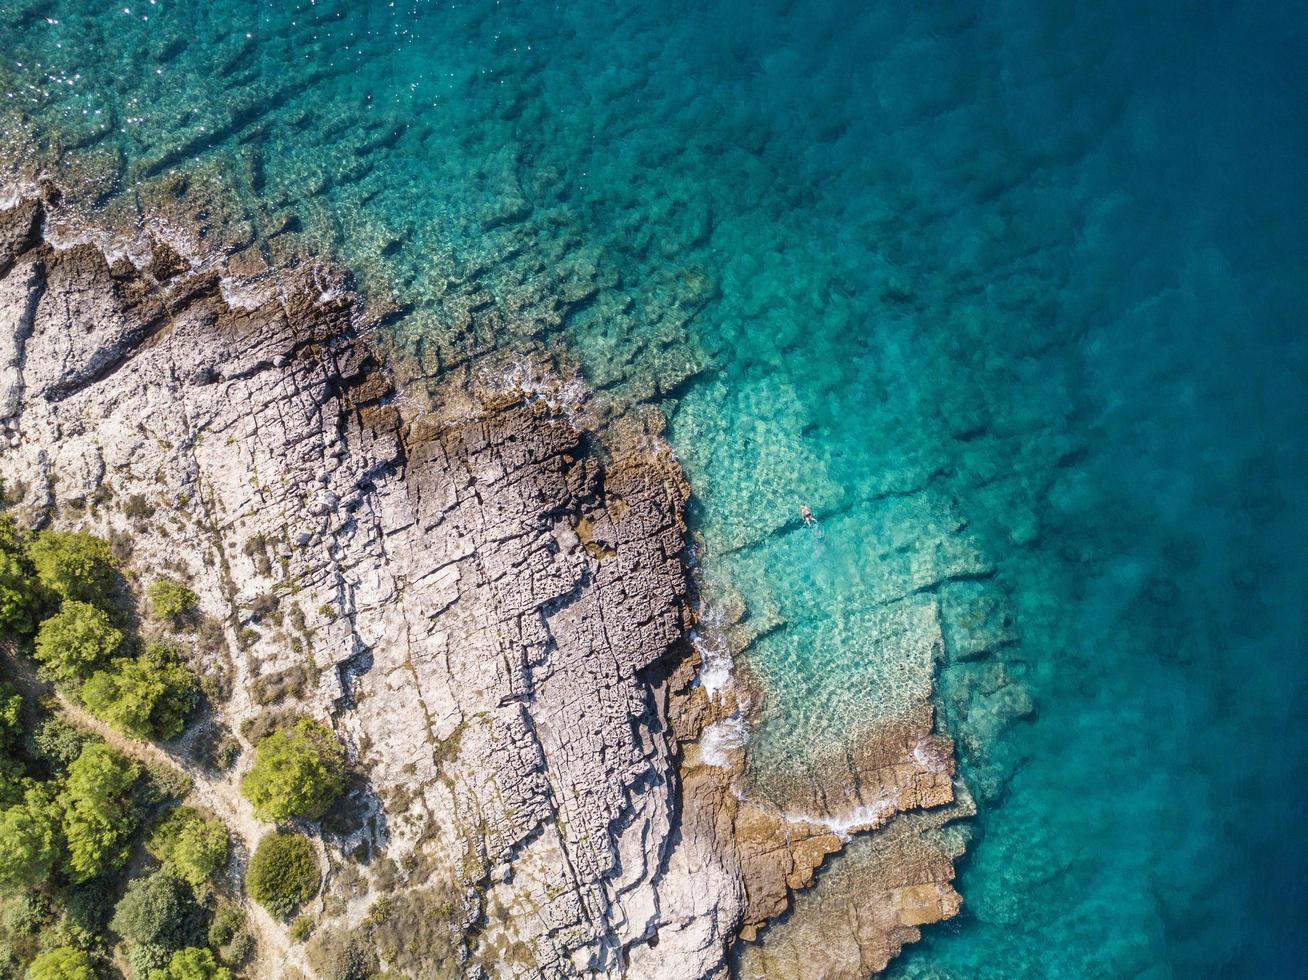 Luftaufnahme des Solo-Schnorchlers im türkisfarbenen grünen Küstenwasser foto